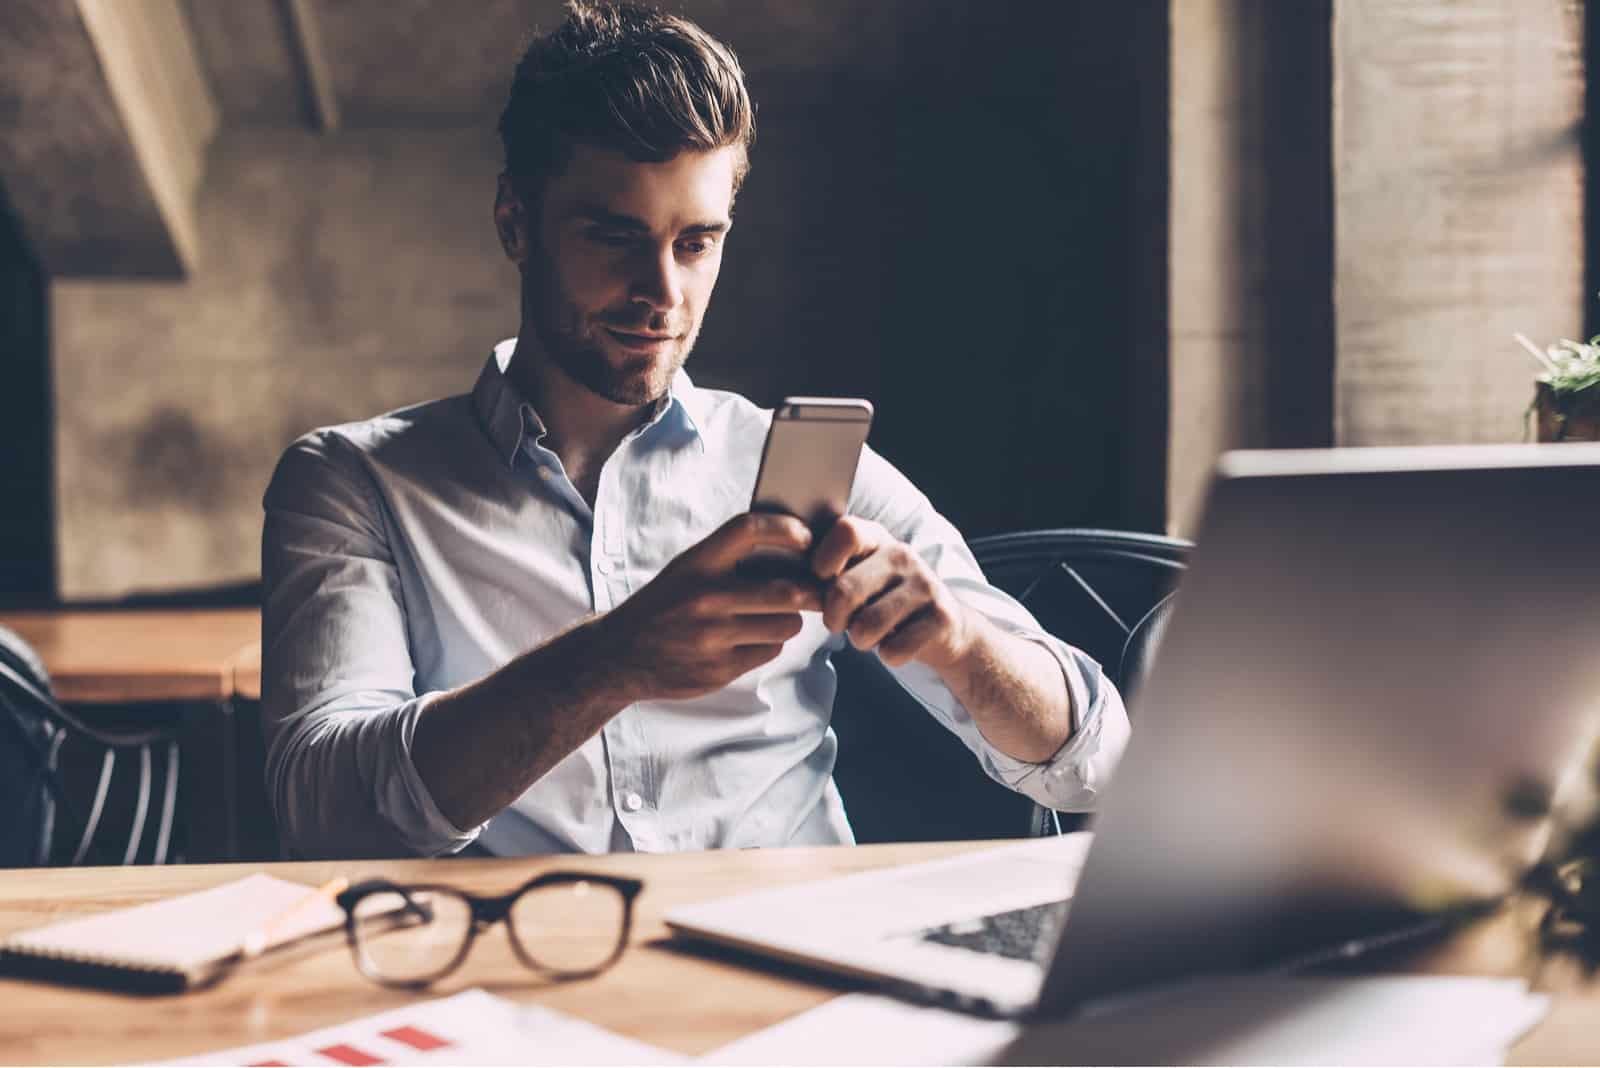 Confiant jeune homme en tenue décontractée intelligente tenant un téléphone intelligent